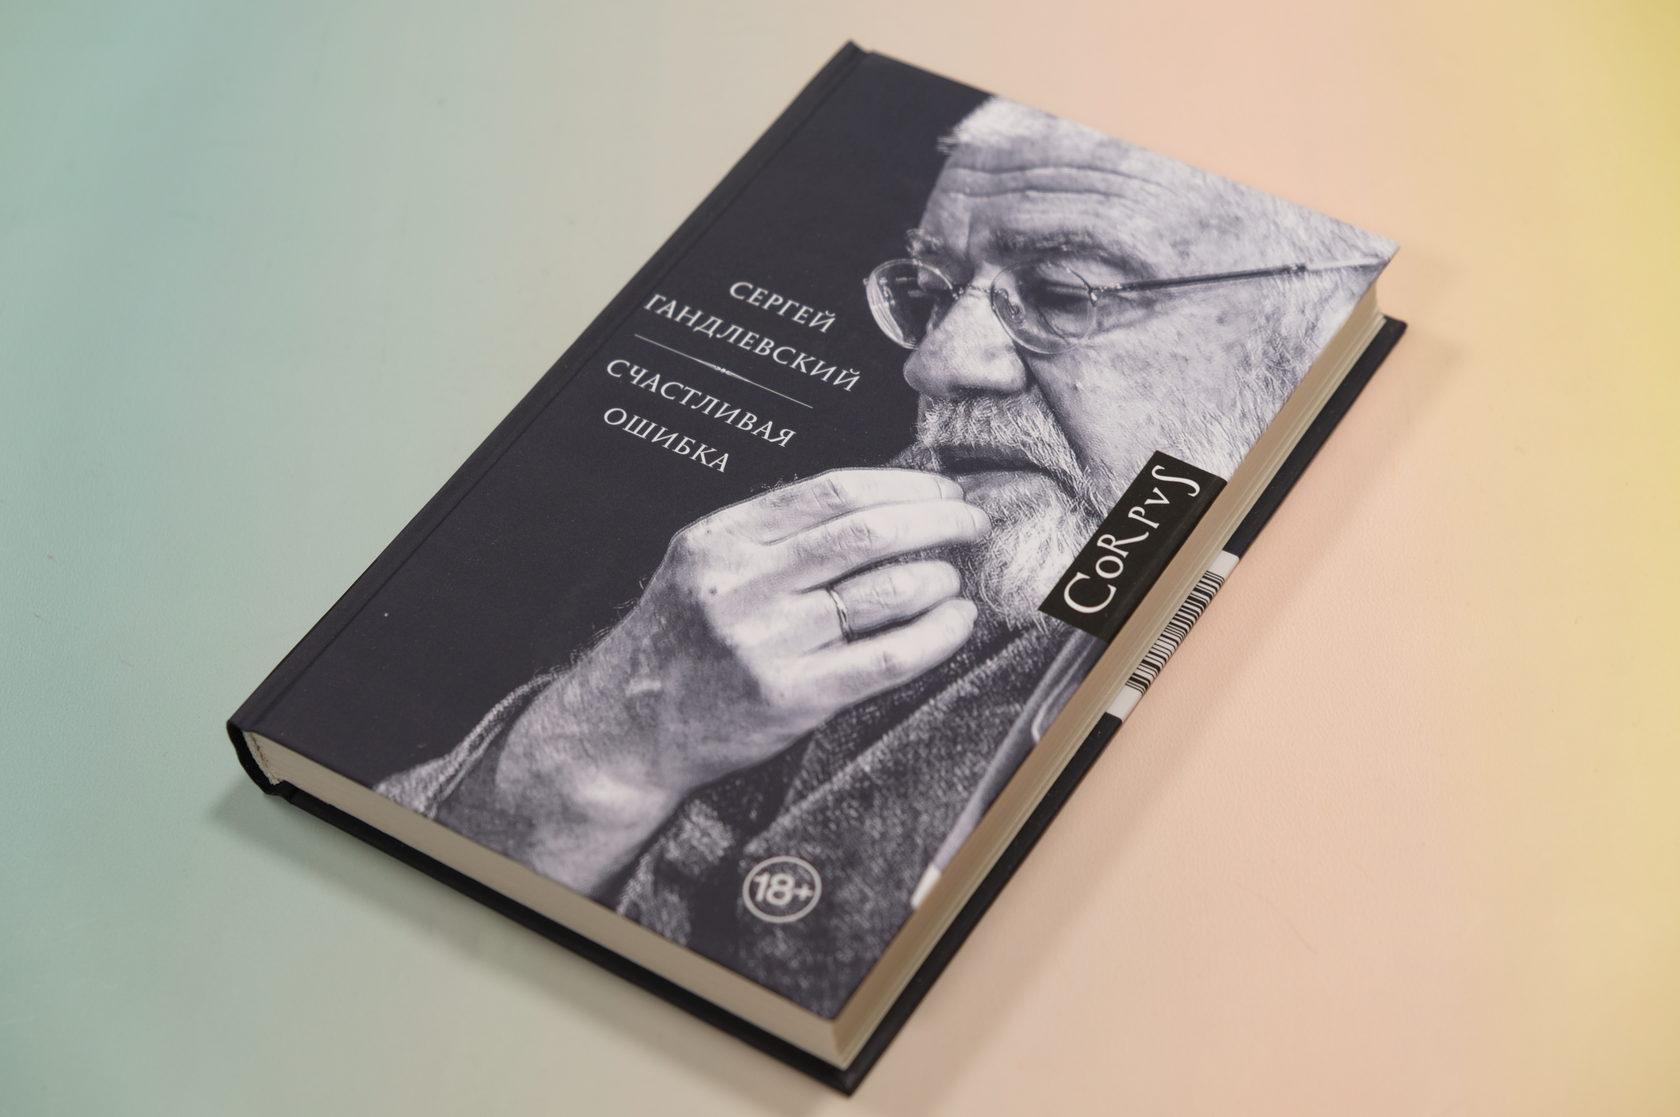 Сергей Гандлевский «Счастливая ошибка»